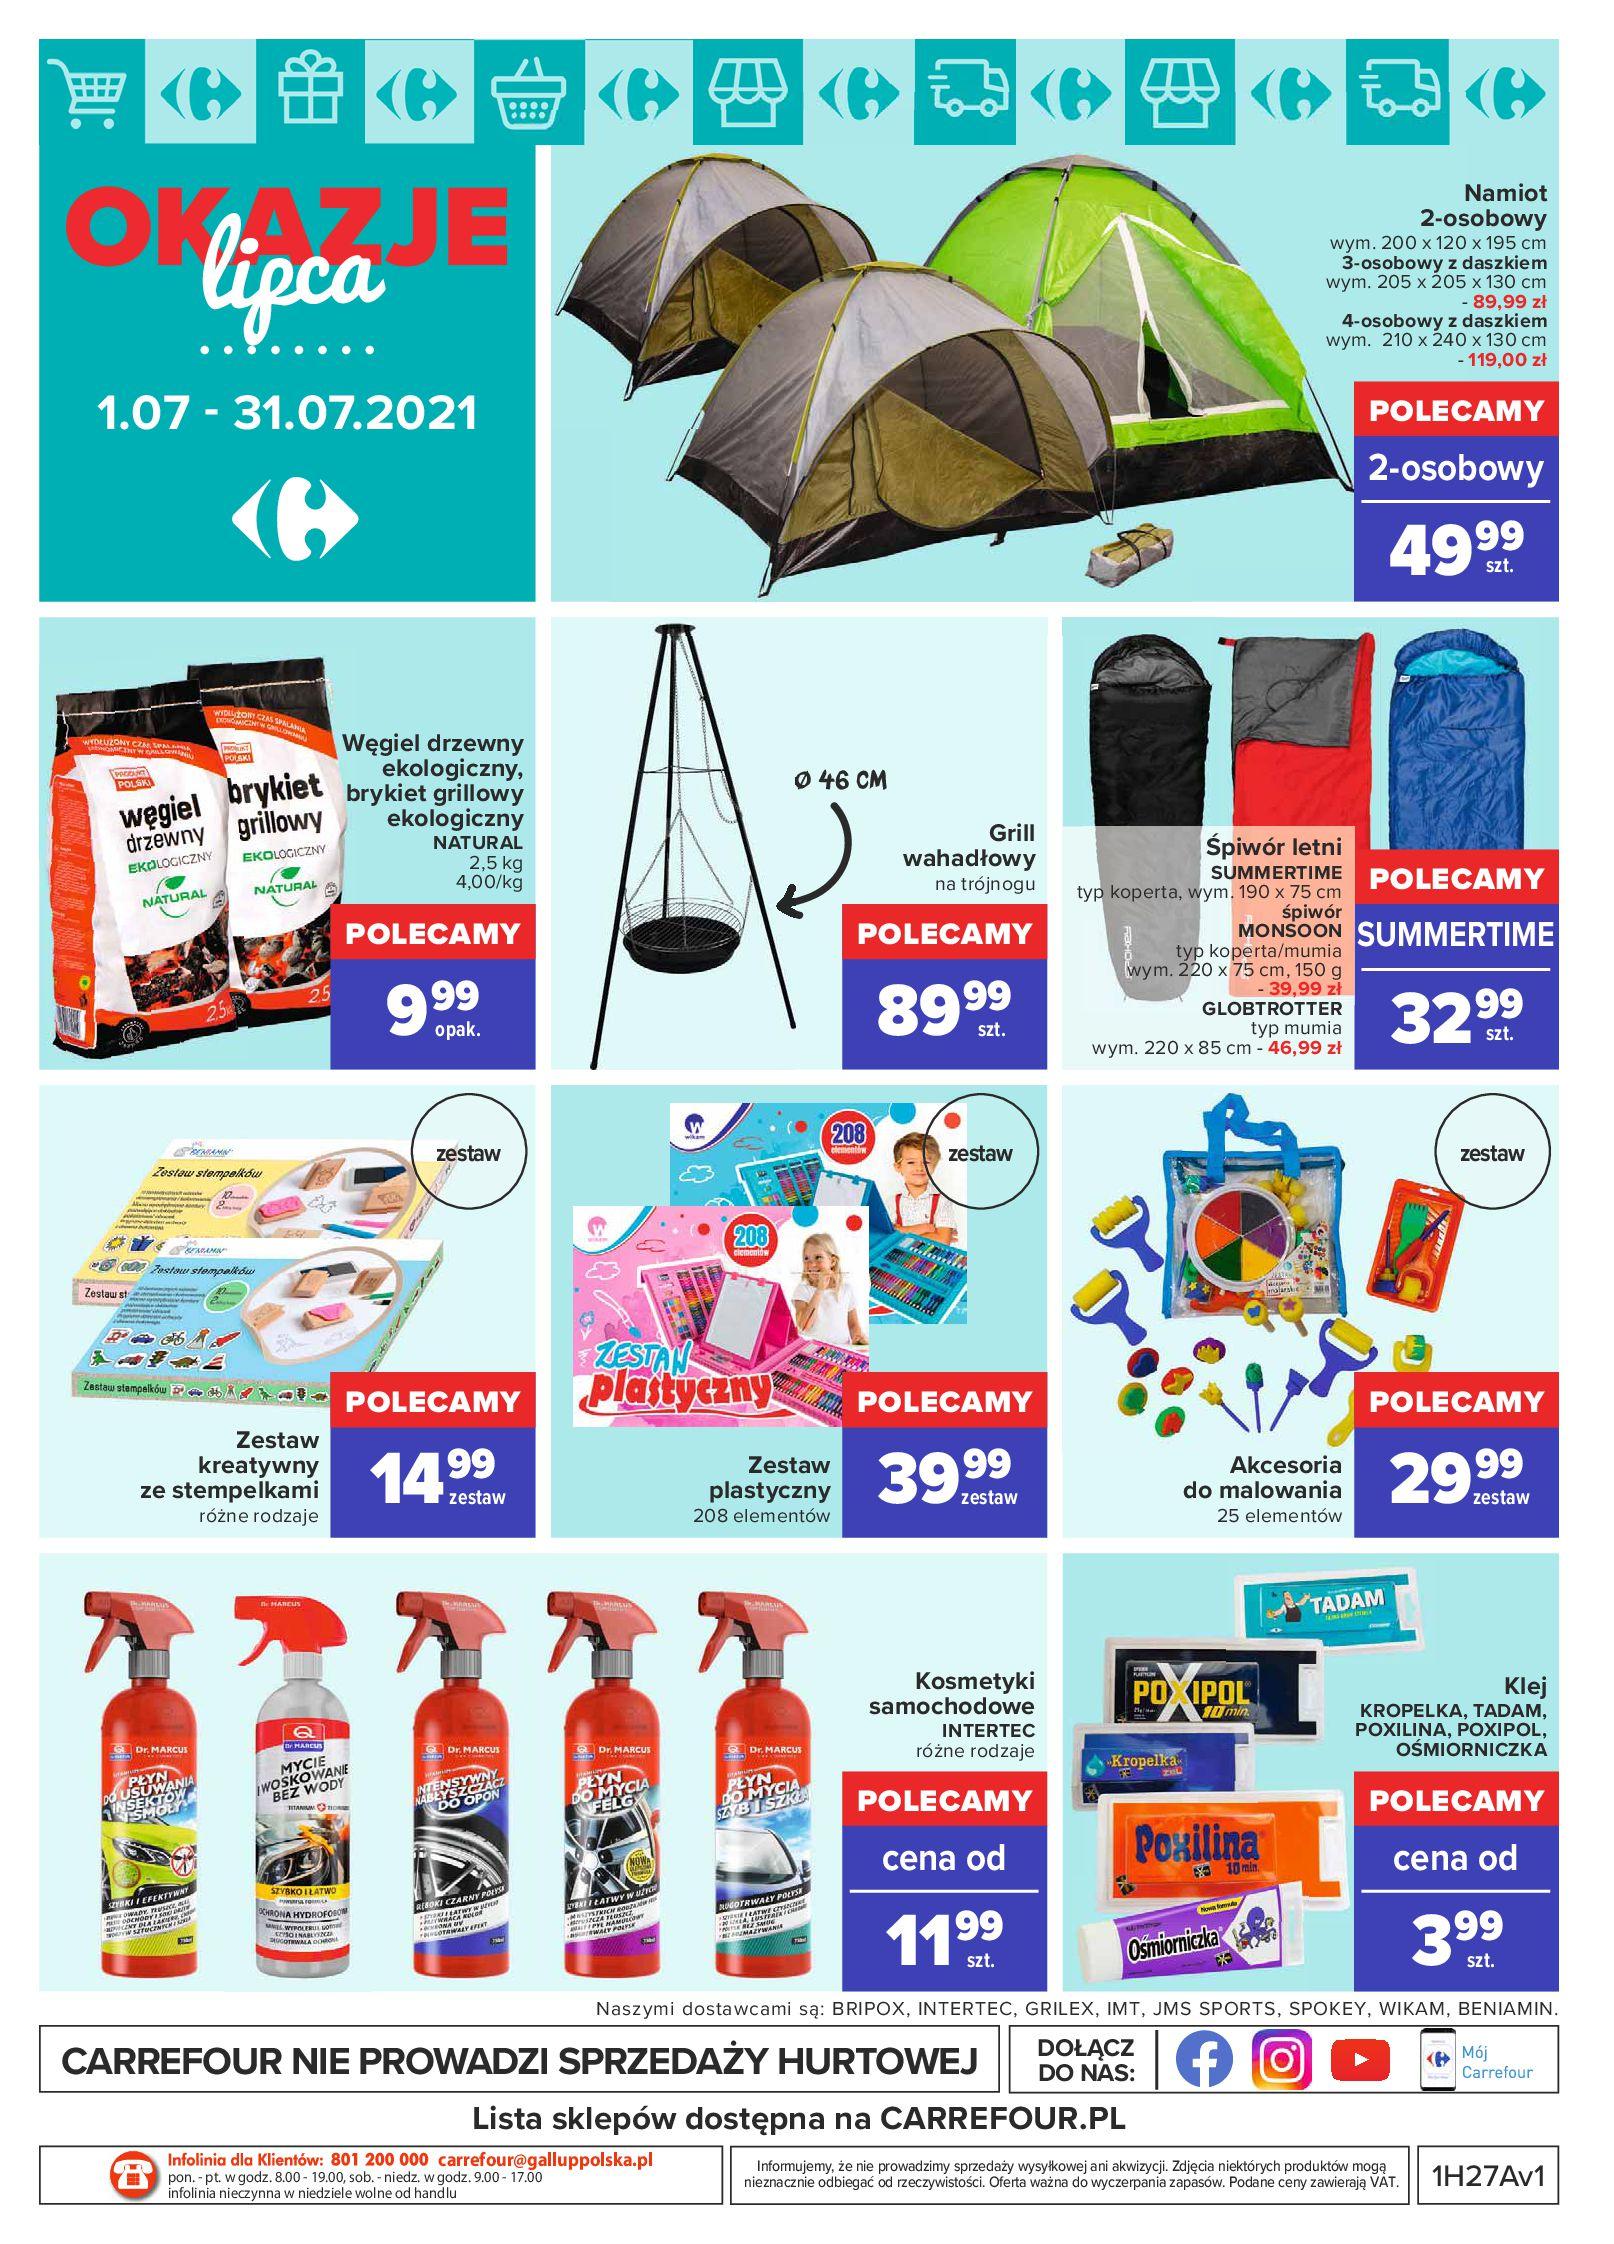 Gazetka Carrefour: Gazetka Carrefour - Okazje lipca 2021-07-01 page-22